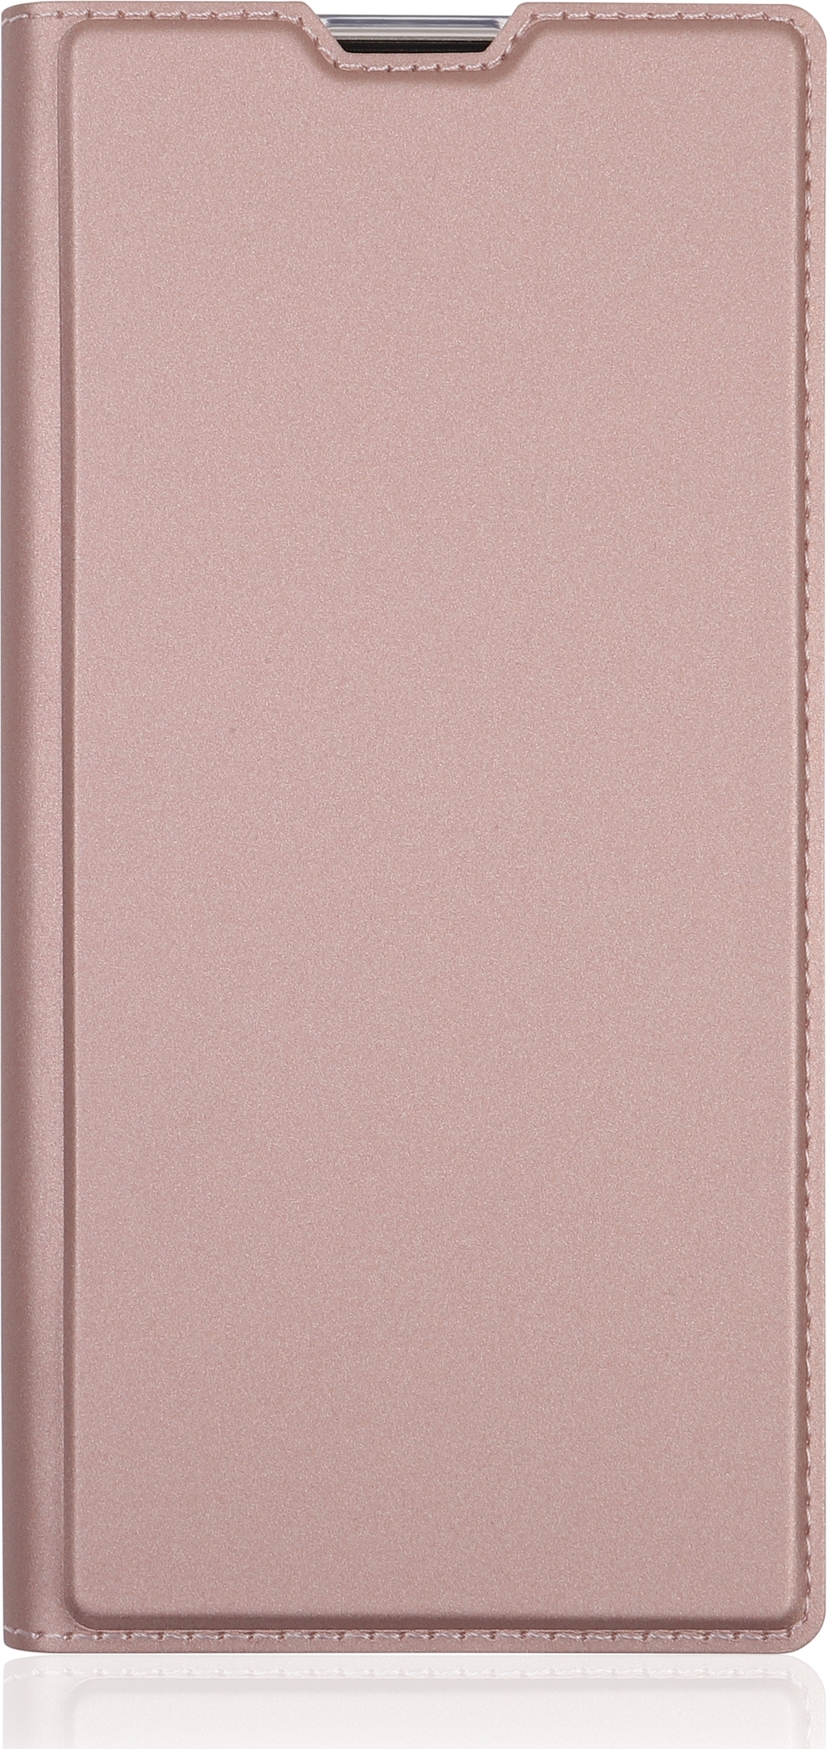 Чехол Brosco Book для Sony Xperia XA2 Plus, розовый wierss розовый для sony xz2